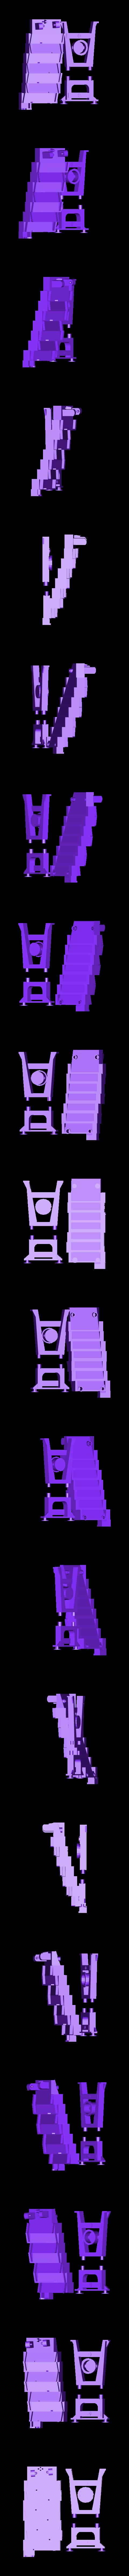 mousetrap-blue-stairs-and-bucket.stl Télécharger fichier STL gratuit TortureTrap : une extension du piège à souris • Objet pour impression 3D, mrhers2